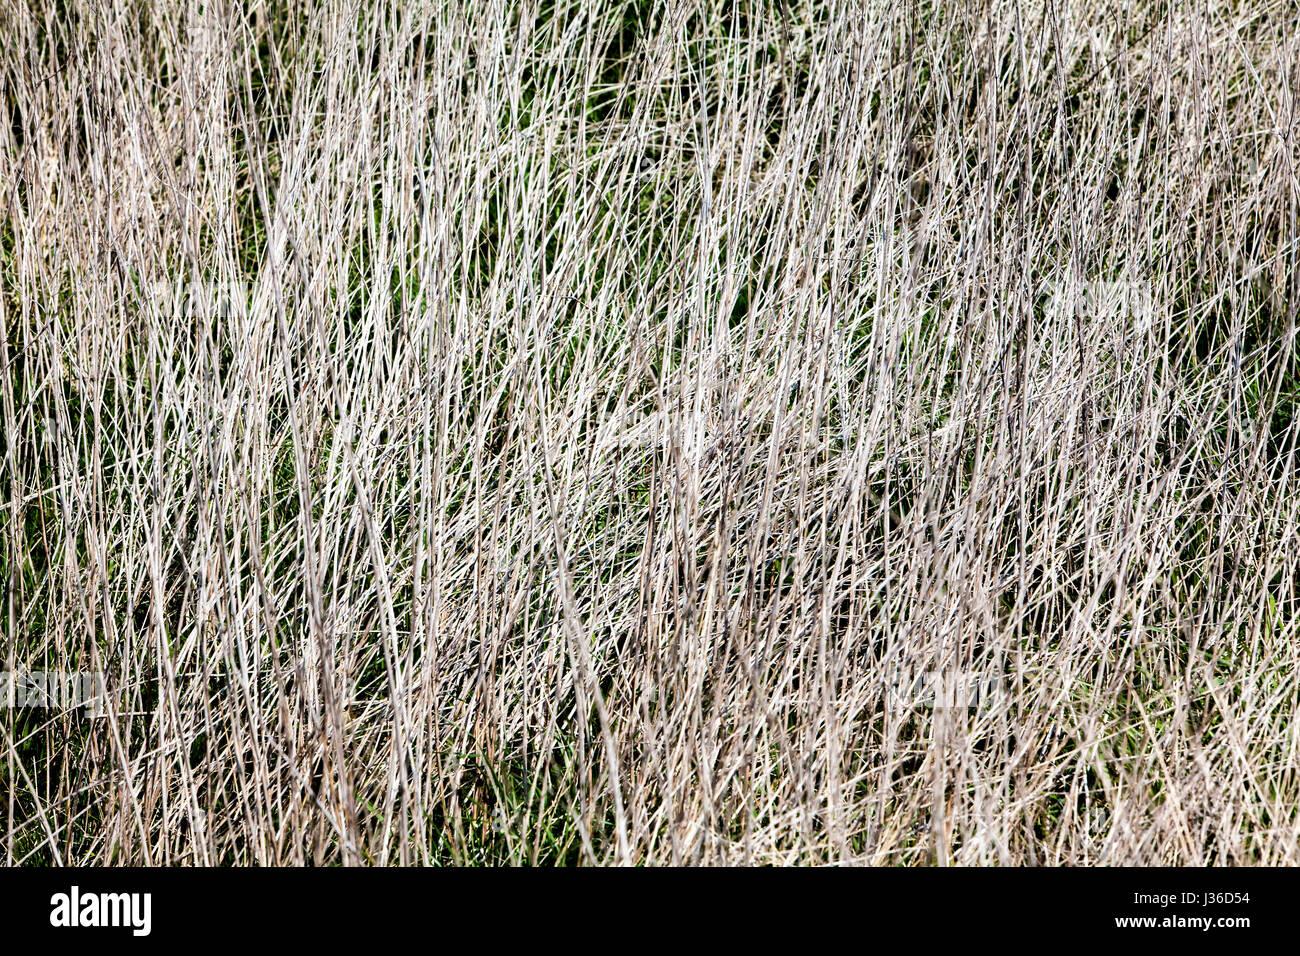 Linee astratte e strutture in erba secca, primo piano Immagini Stock